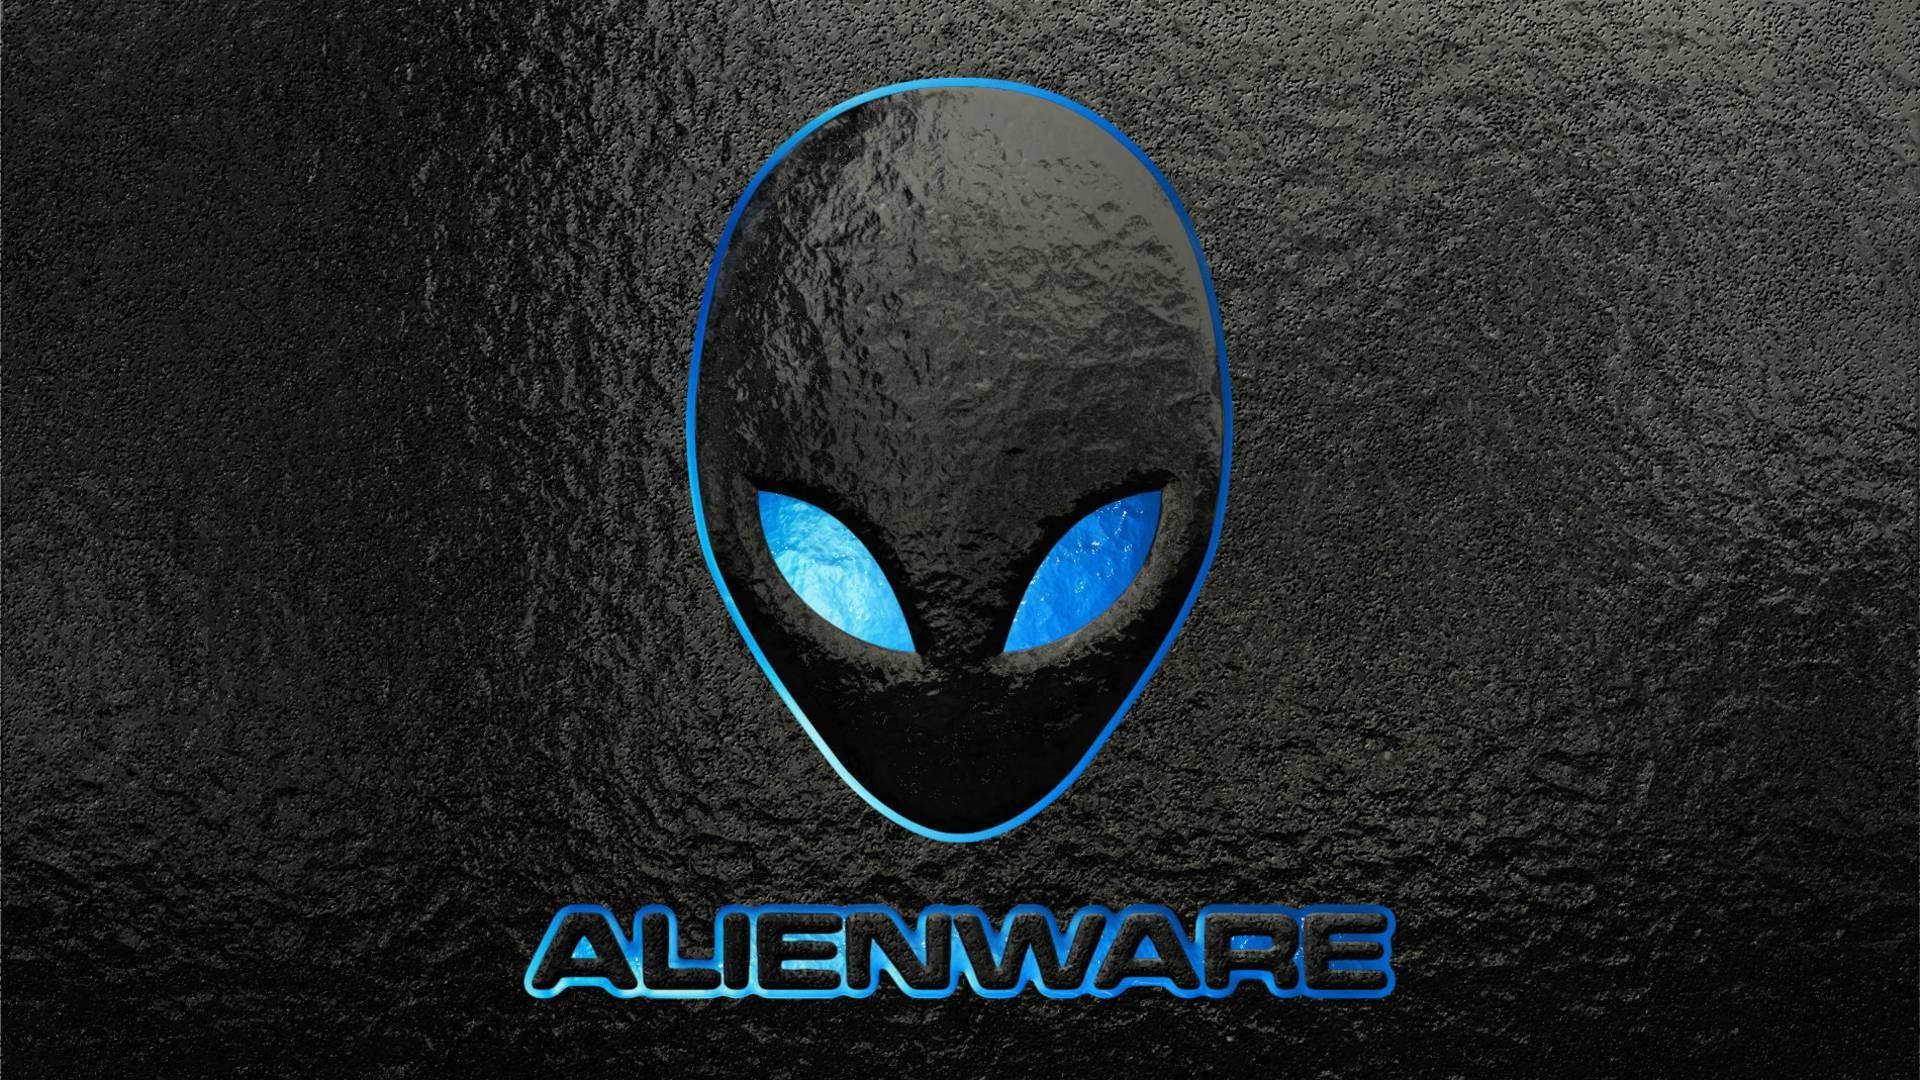 Hd alienware wallpaper 1920x1200 alienware hd widescreen wallpaper voltagebd Images